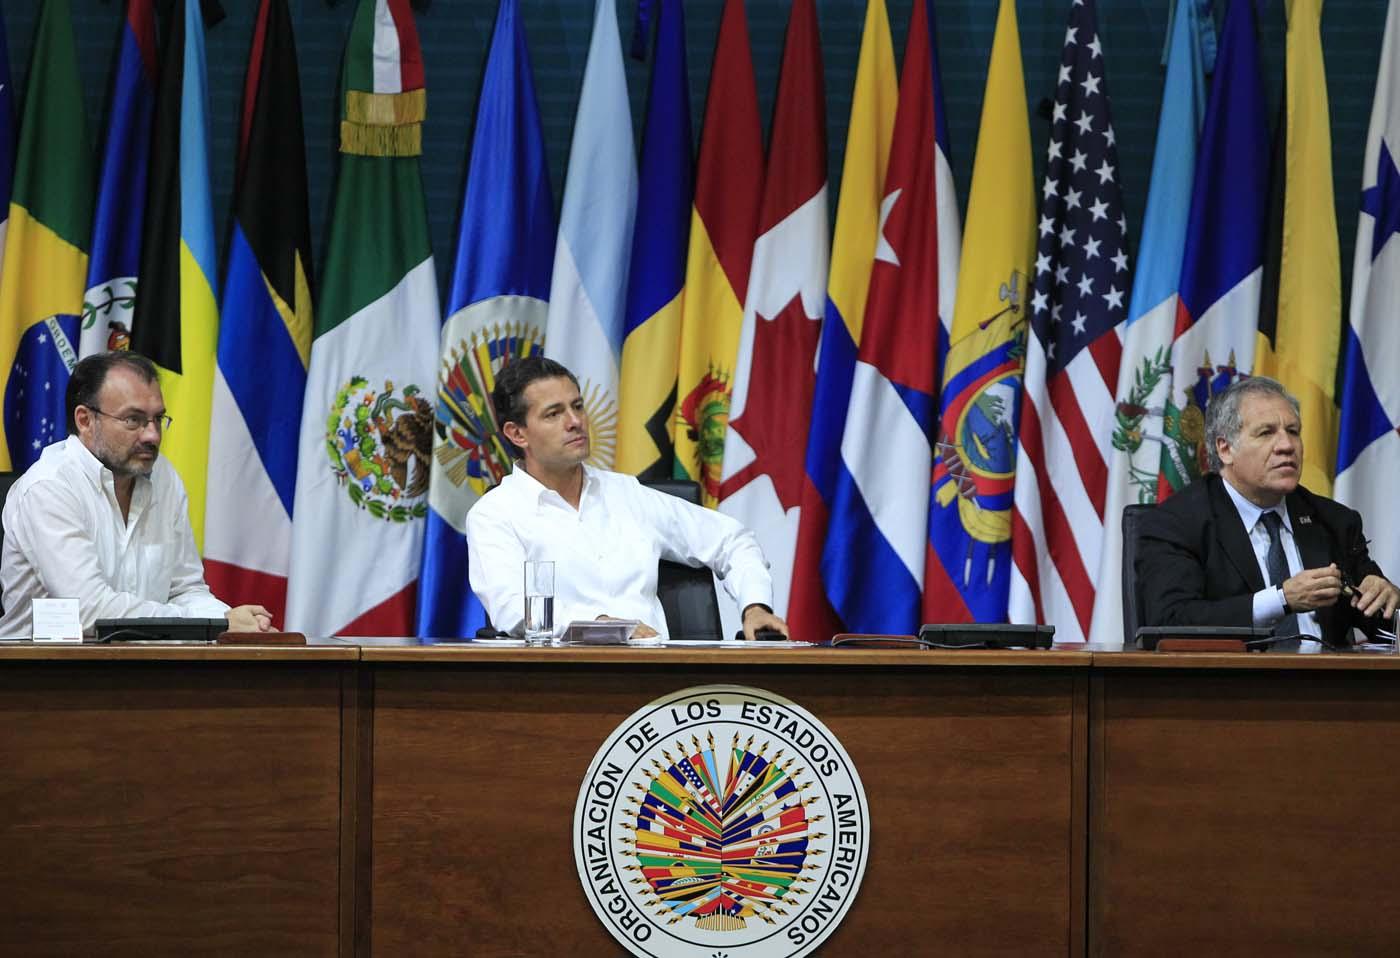 """MEX24 CANCÚN (MÉXICO), 19/06/2017.- El presidente de México, Enrique Peña Nieto (c); el secretario de Relaciones Exteriores de México, Luis Videgaray (i), y el secretario general de la OEA, Luis Almagro (d), participan hoy, lunes 19 de junio de 2017, en la inauguración de la 47 Asamblea General de la Organización de Estados Americanos (OEA), en Cancún, en el estado de Quintana Roo (México). El lema oficial de la Asamblea es """"Fortaleciendo el diálogo y la concertación para la prosperidad"""", y en la cita se celebrarán una serie de diálogos en los que se abordarán temas como la migración o los derechos de los pueblos indígenas. No obstante, el asunto de fondo, que definirá la cita y ha protagonizado la primera jornada, es la posición de la región en torno a Venezuela. EFE/Mario Guzmán"""